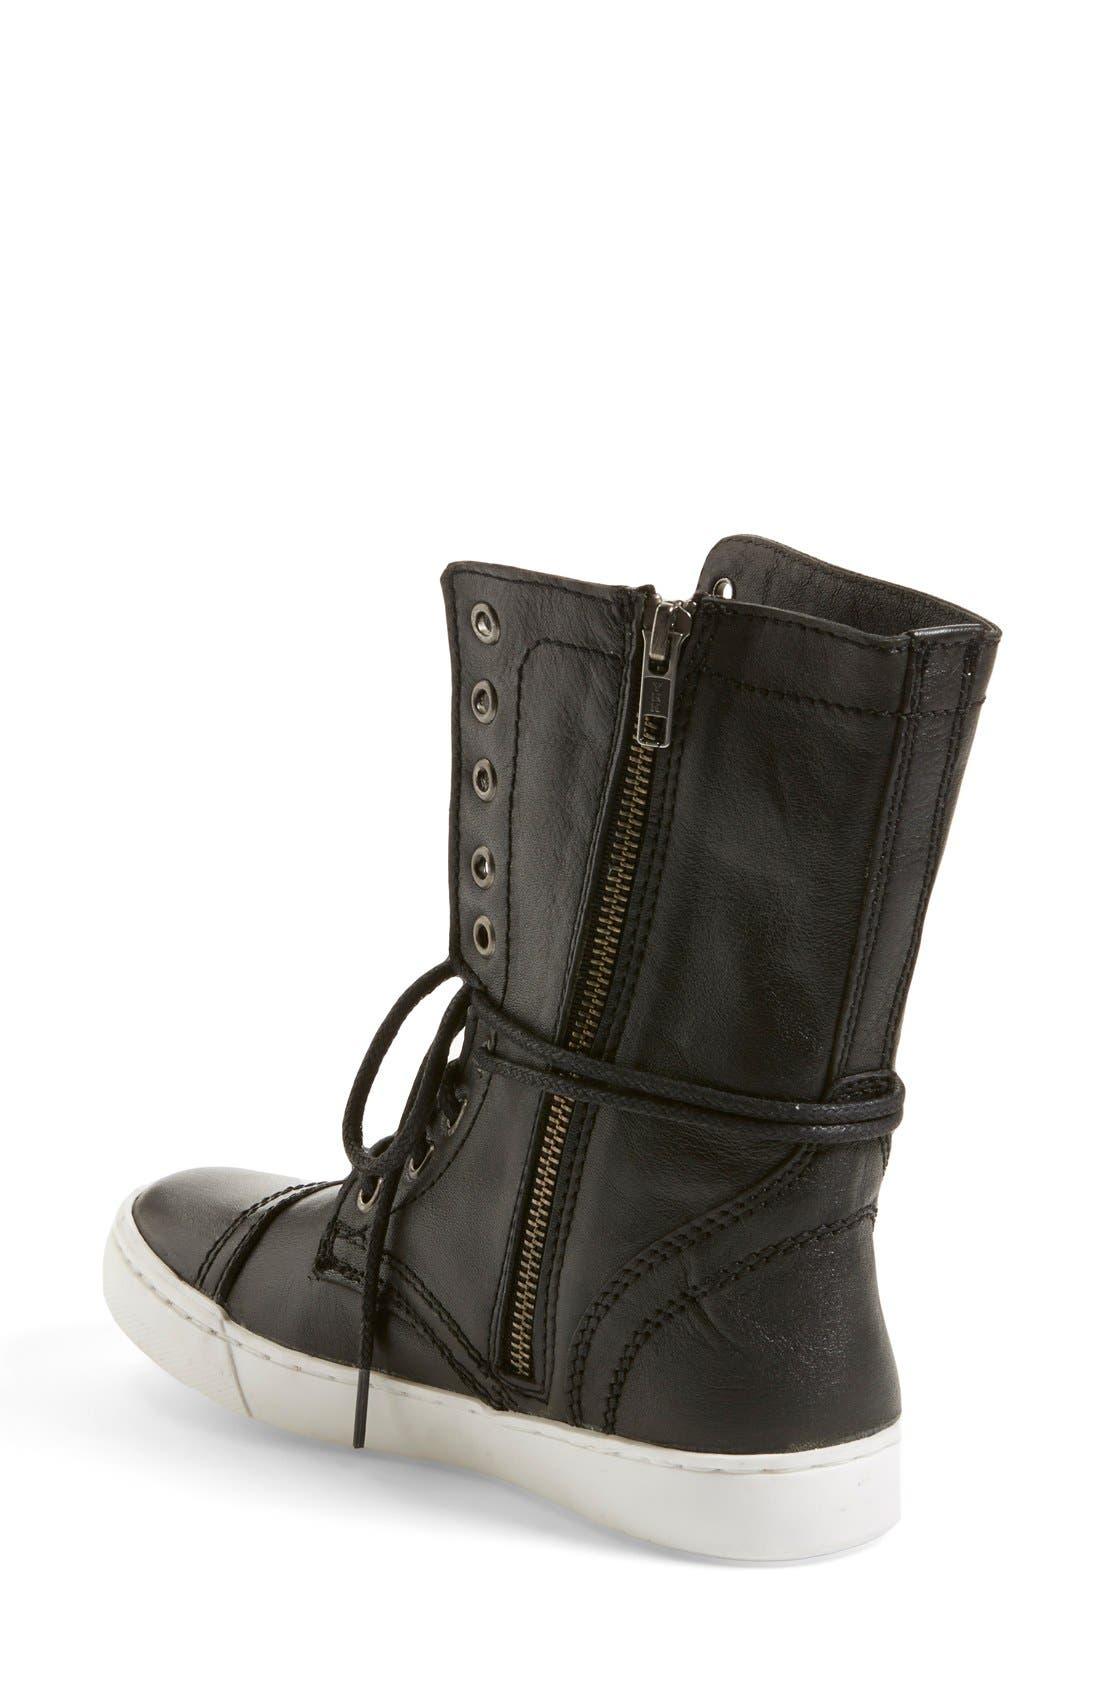 'Resolvve' Sneaker Boot,                             Alternate thumbnail 3, color,                             001